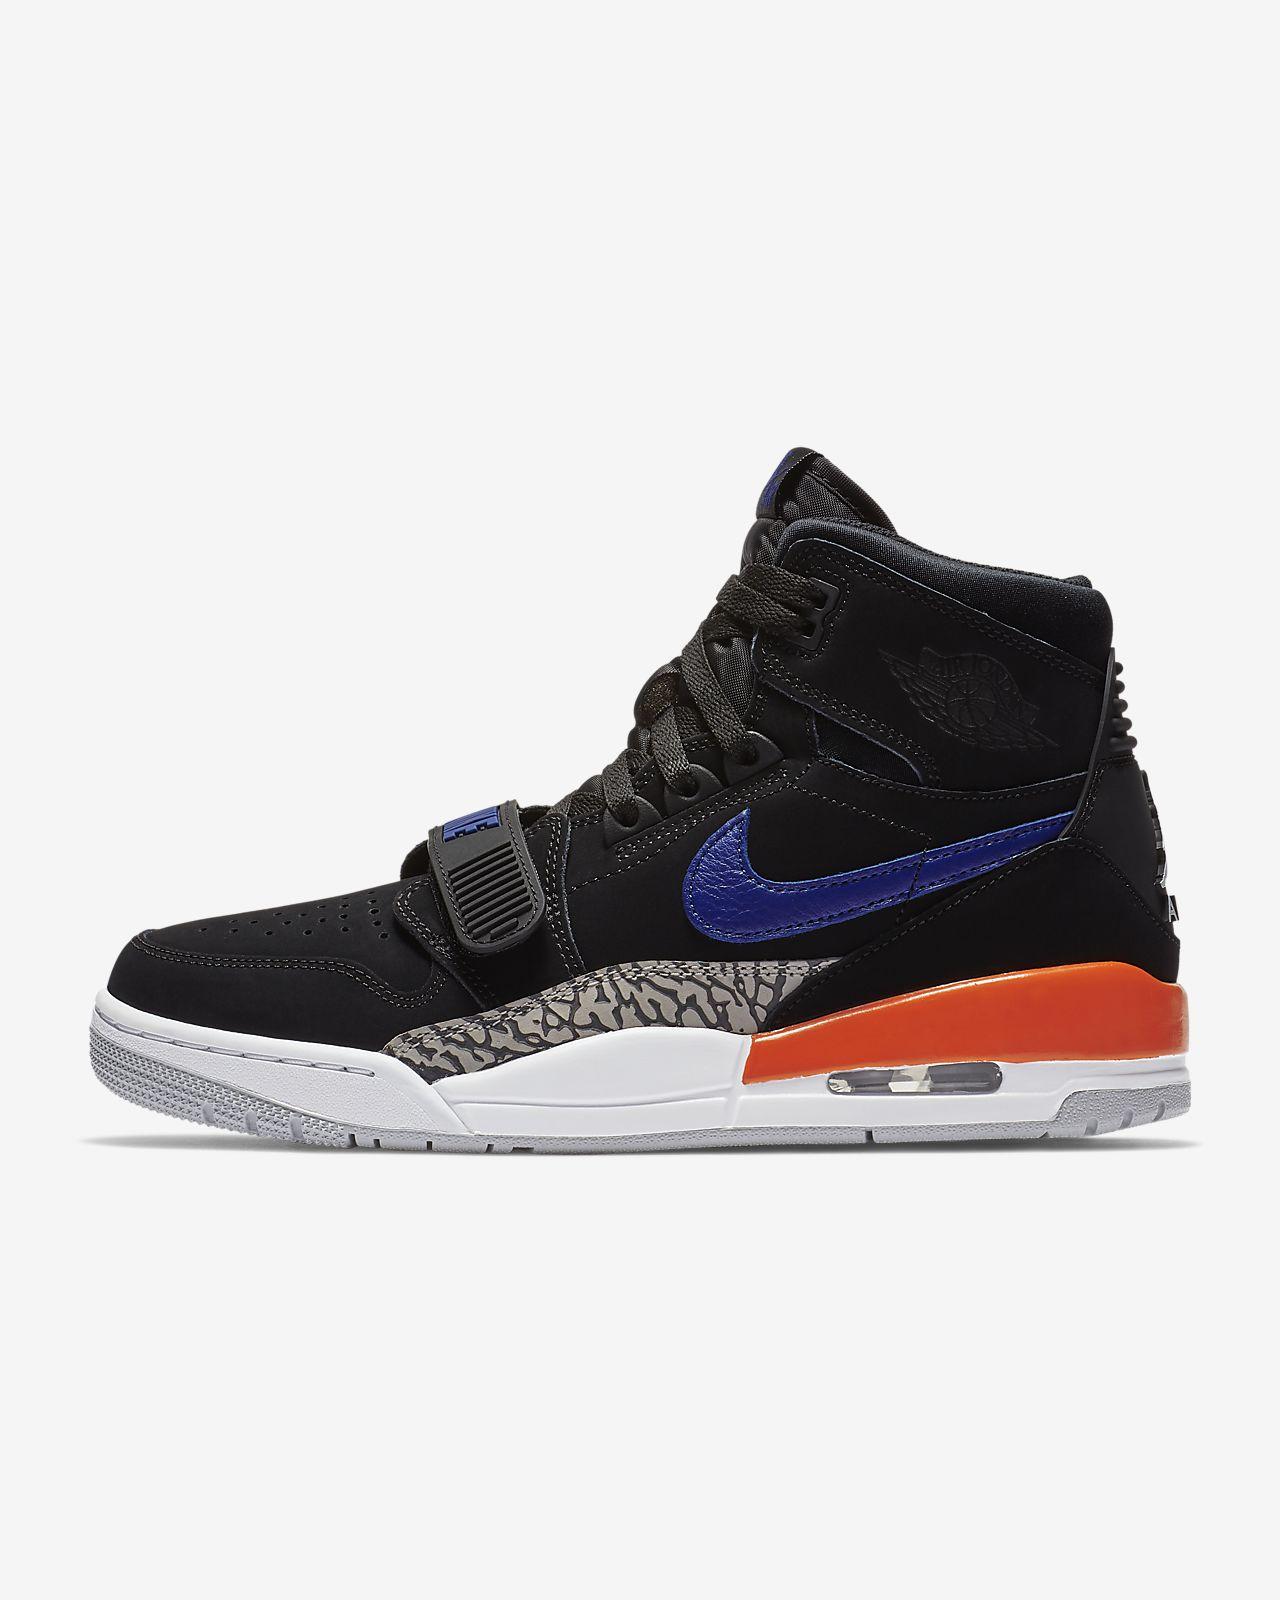 мужские кроссовки Air Jordan Legacy 312 Nikecom Ru